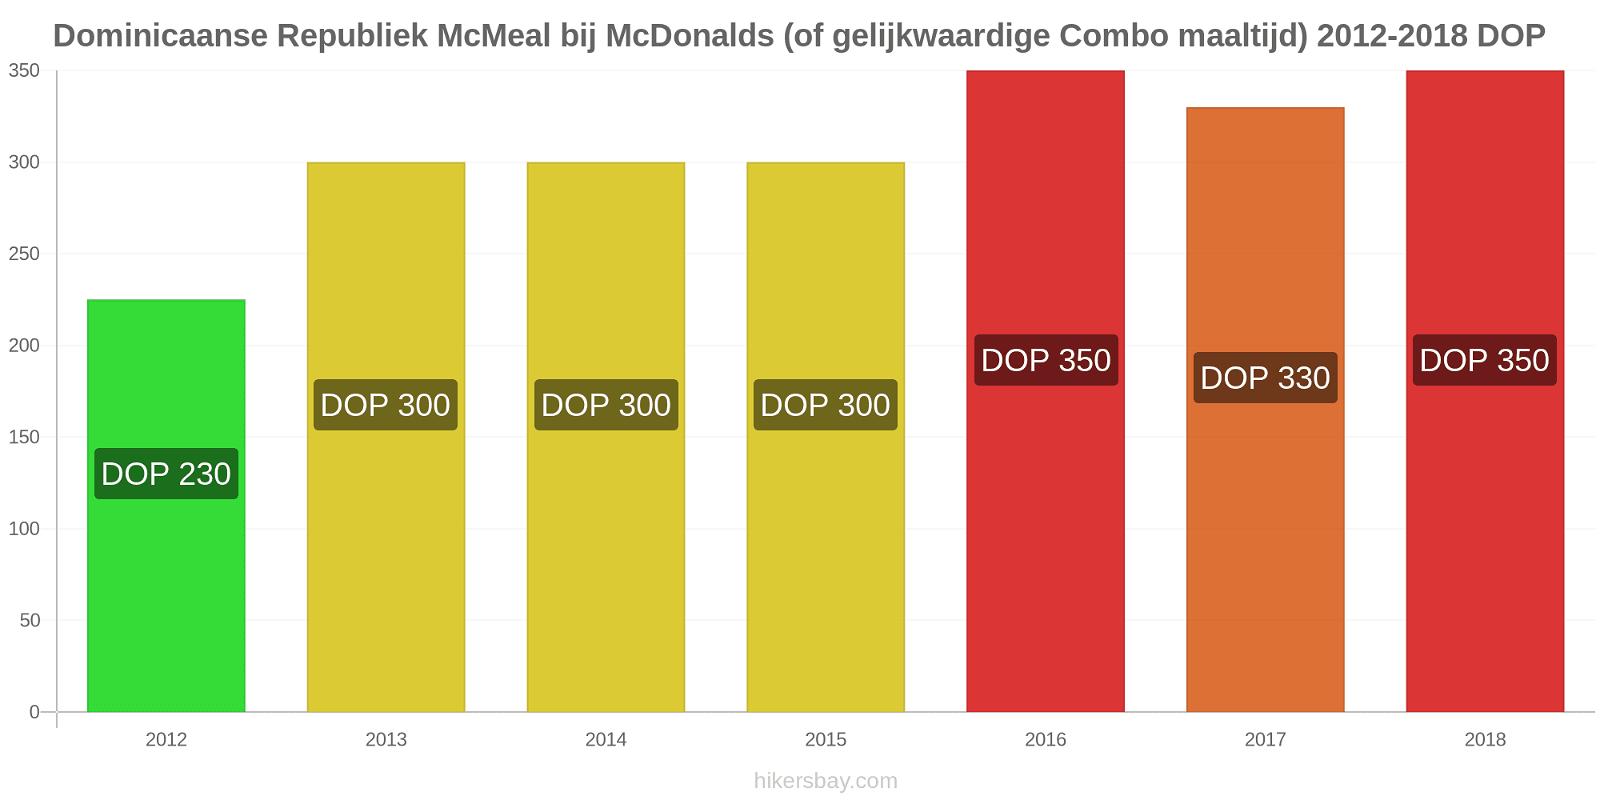 Dominicaanse Republiek prijswijzigingen McMeal bij McDonalds (of gelijkwaardige Combo maaltijd) hikersbay.com